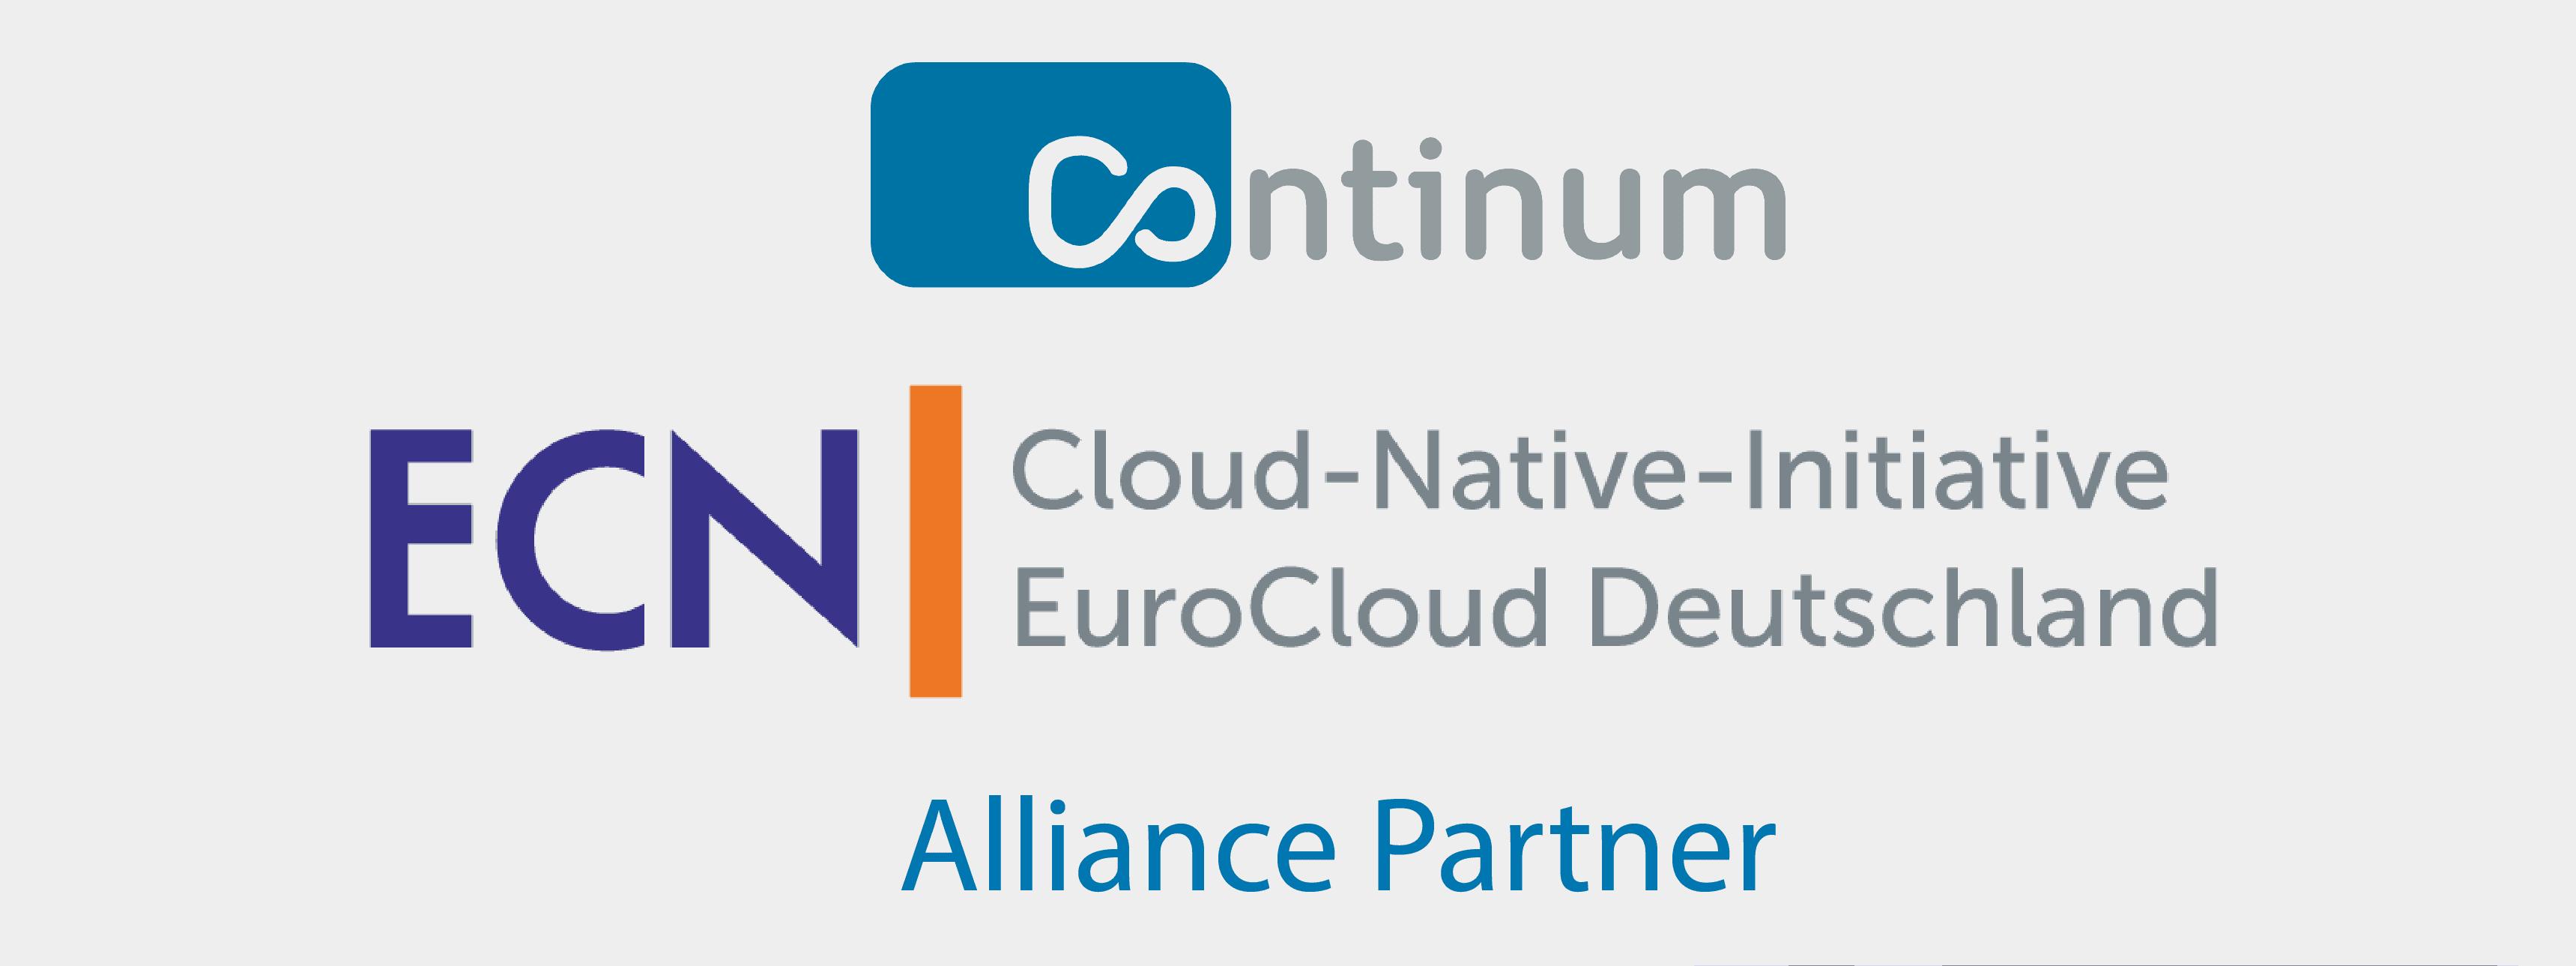 Der Cloud Services Anbieter Continum AG aus Freiburg in Baden-Württemberg unterstützt die EuroCloud-Native-Initiative als Alliance Partner.